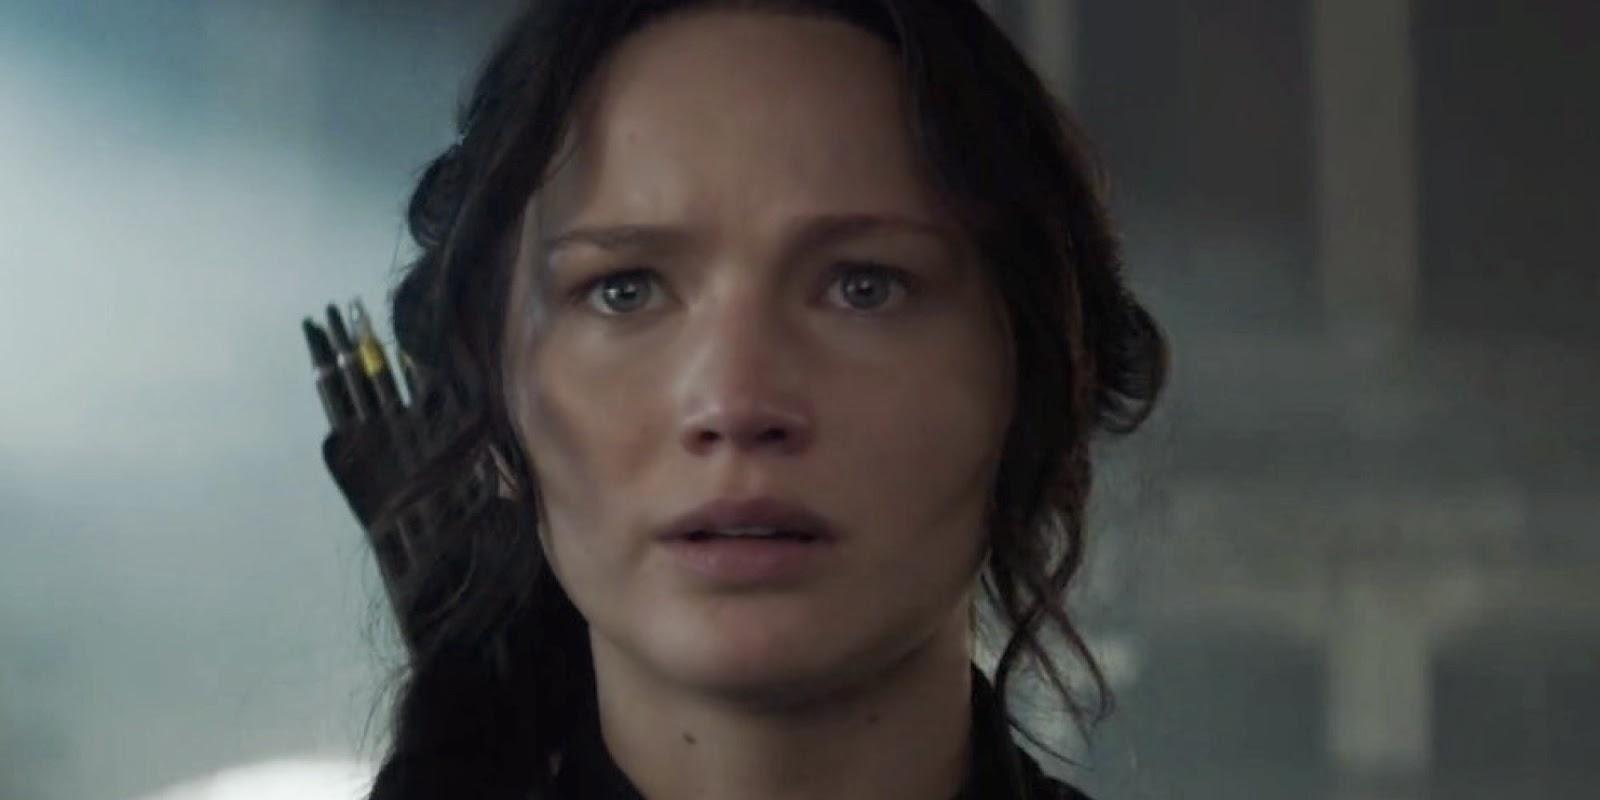 Película Los Juegos del Hambre: Sinsajo Parte 1. Fotografía de Katniss Everdeen